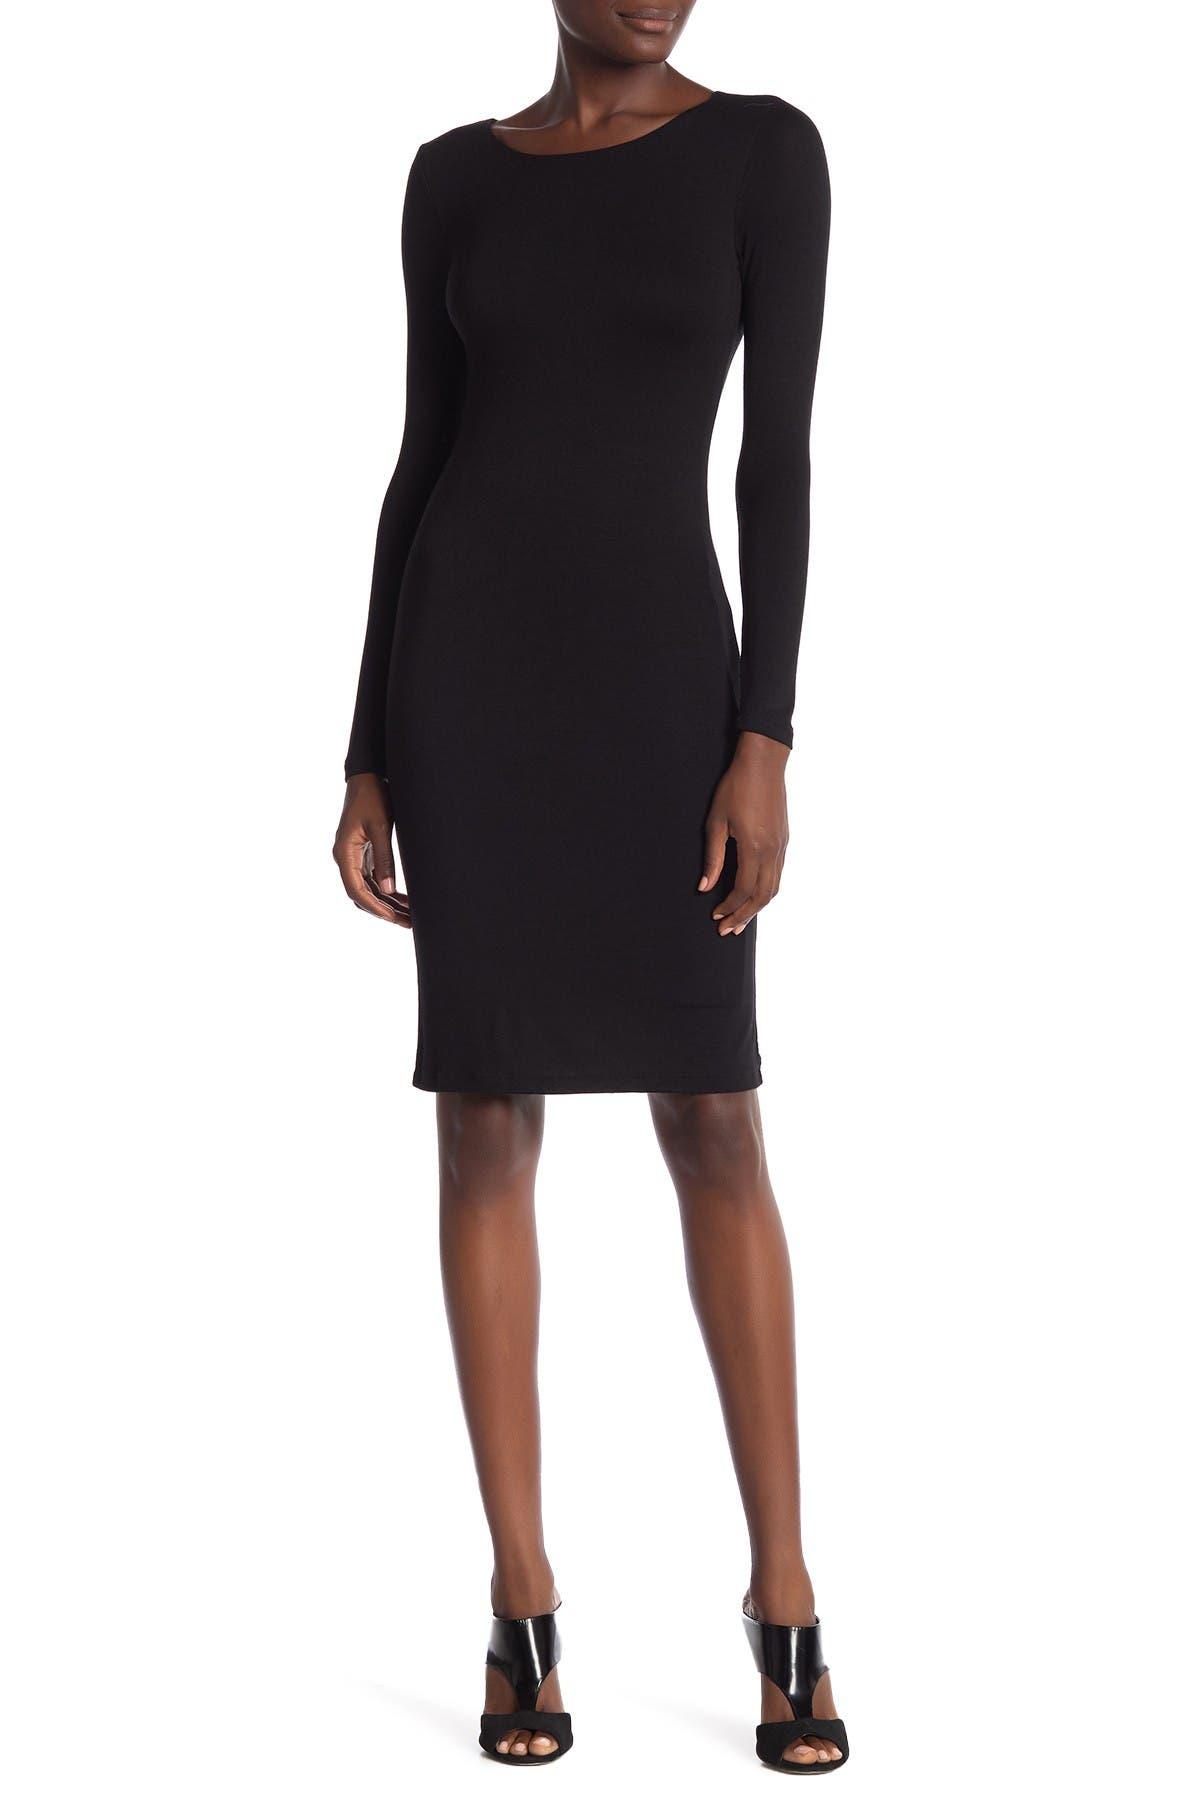 Image of Velvet Torch Long Sleeve Bodycon Midi Dress